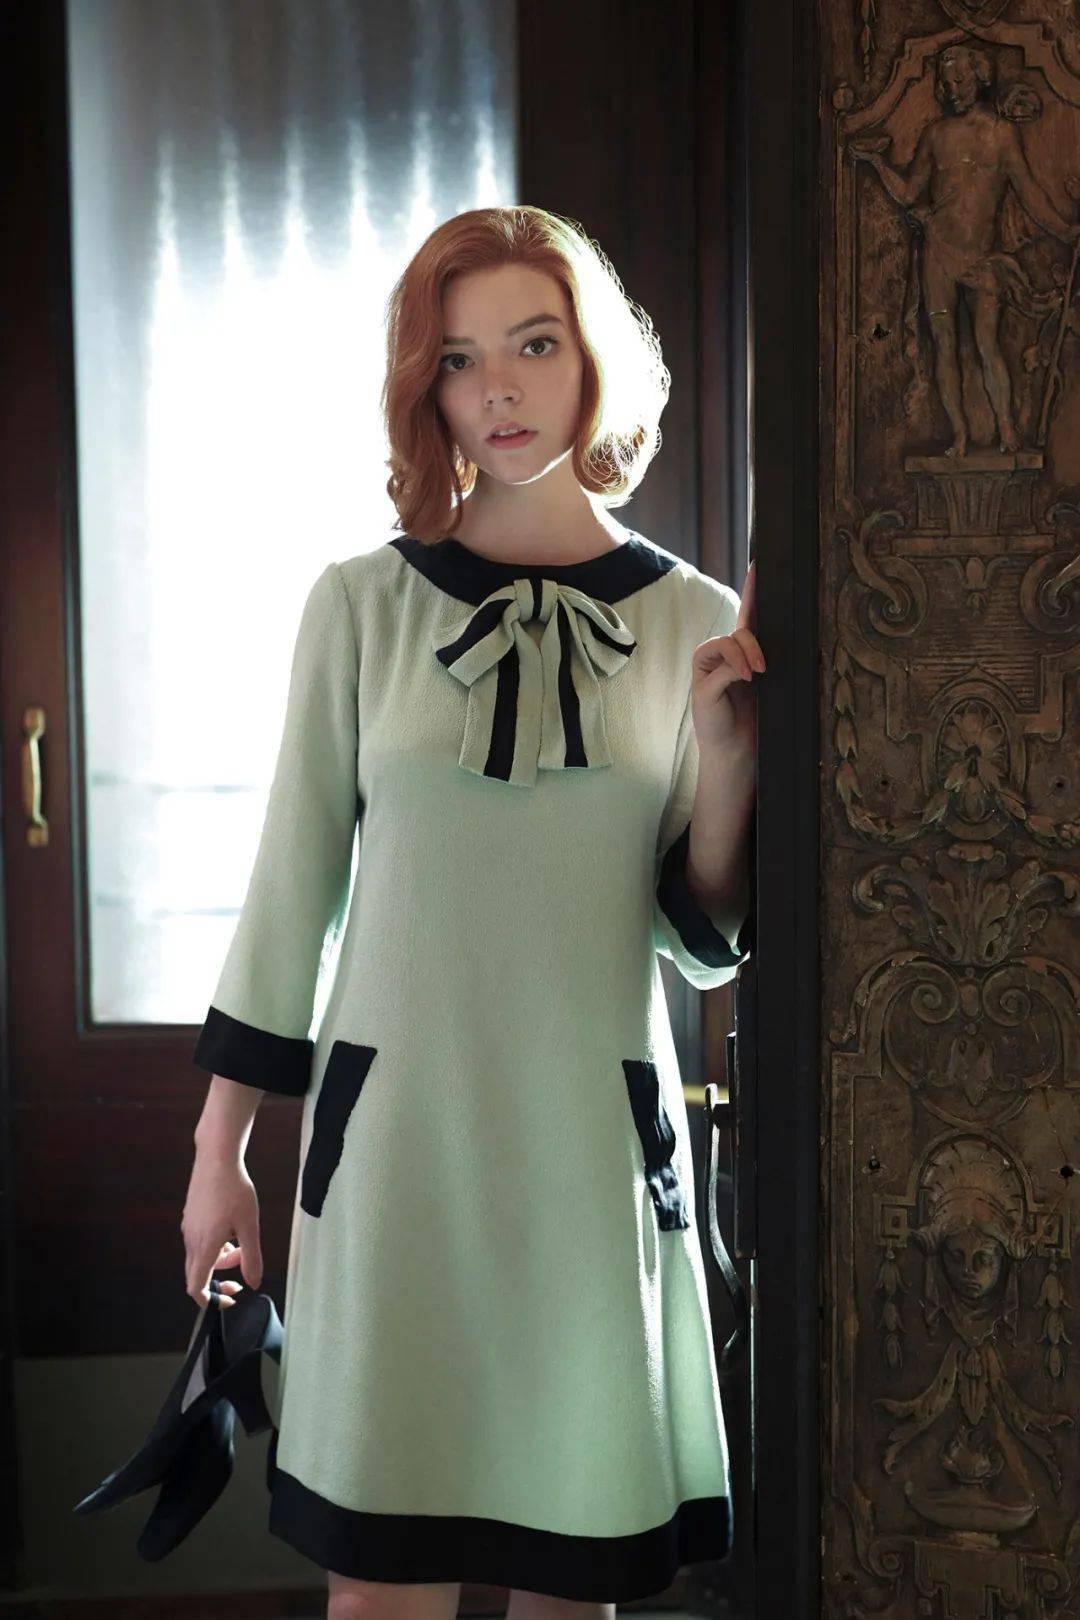 最近被她刷屏了!穿得那么美其实全靠这几样单品_年代